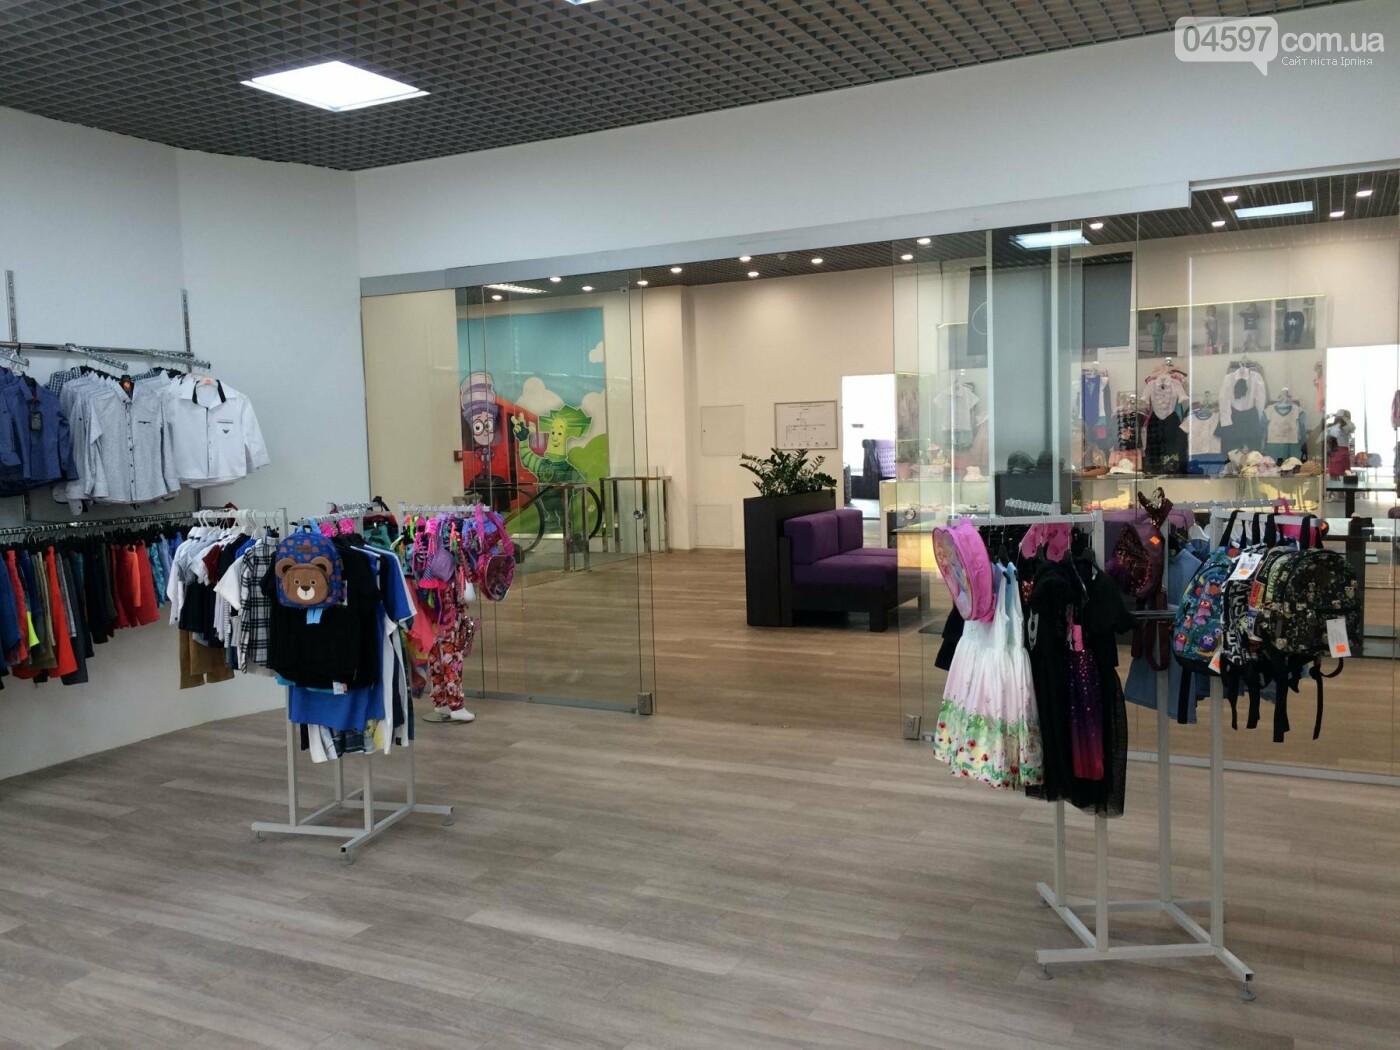 У магазині є брендовий одяг з Європи для хлопчиків та дівчат віком від 1 до  16 років. 04ebd3eb5b898